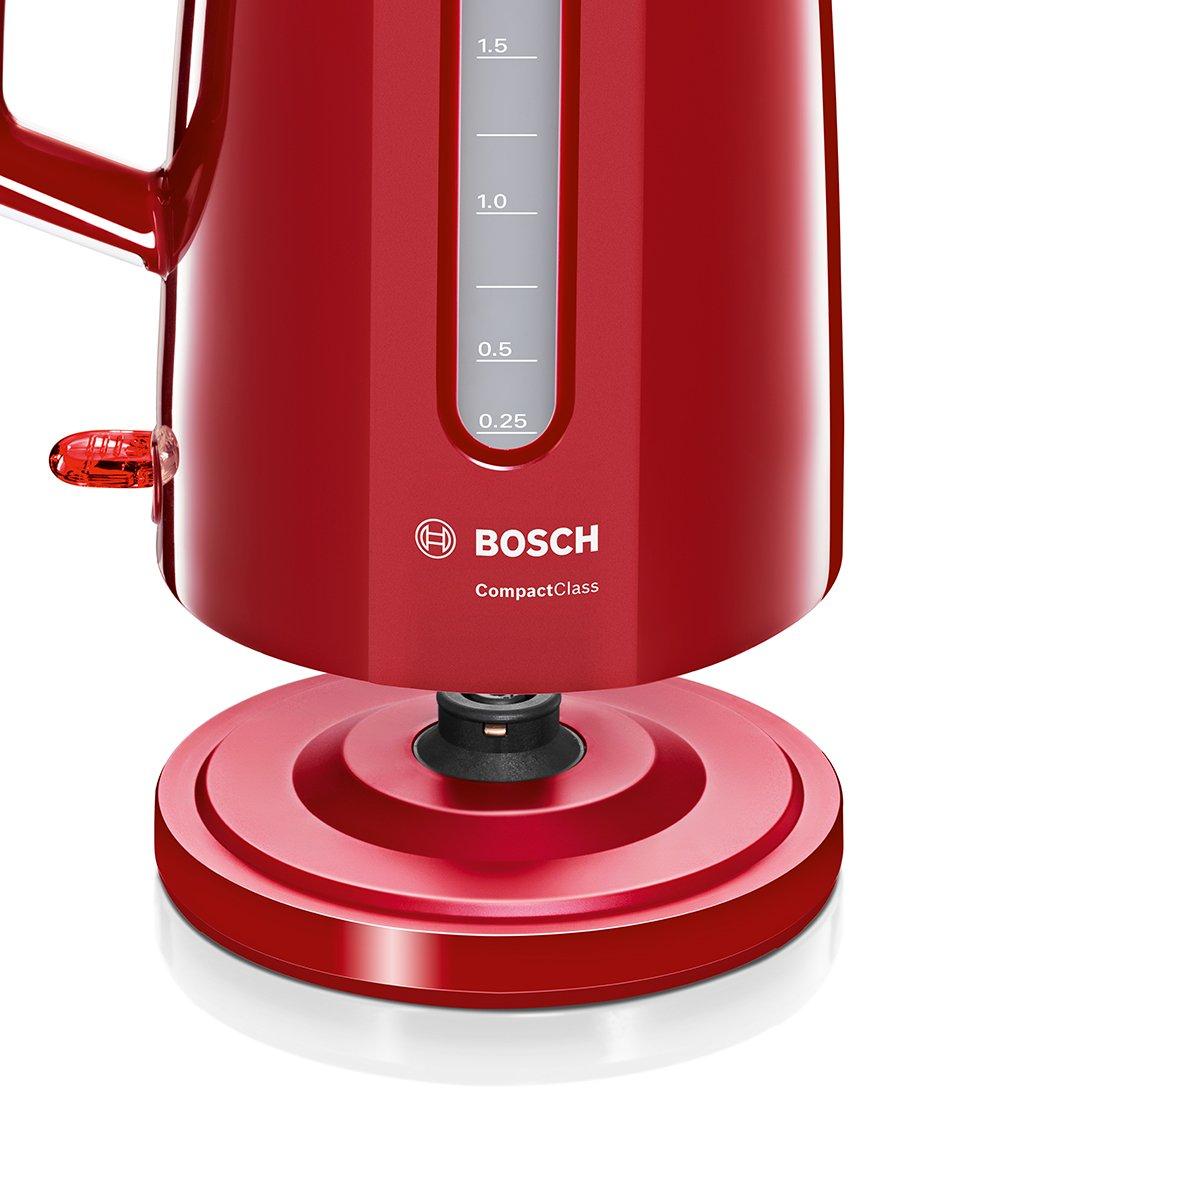 Bosch TWK3A014 - Hervidor de agua, 2400 W, Color Rojo: Bosch: Amazon.es: Hogar